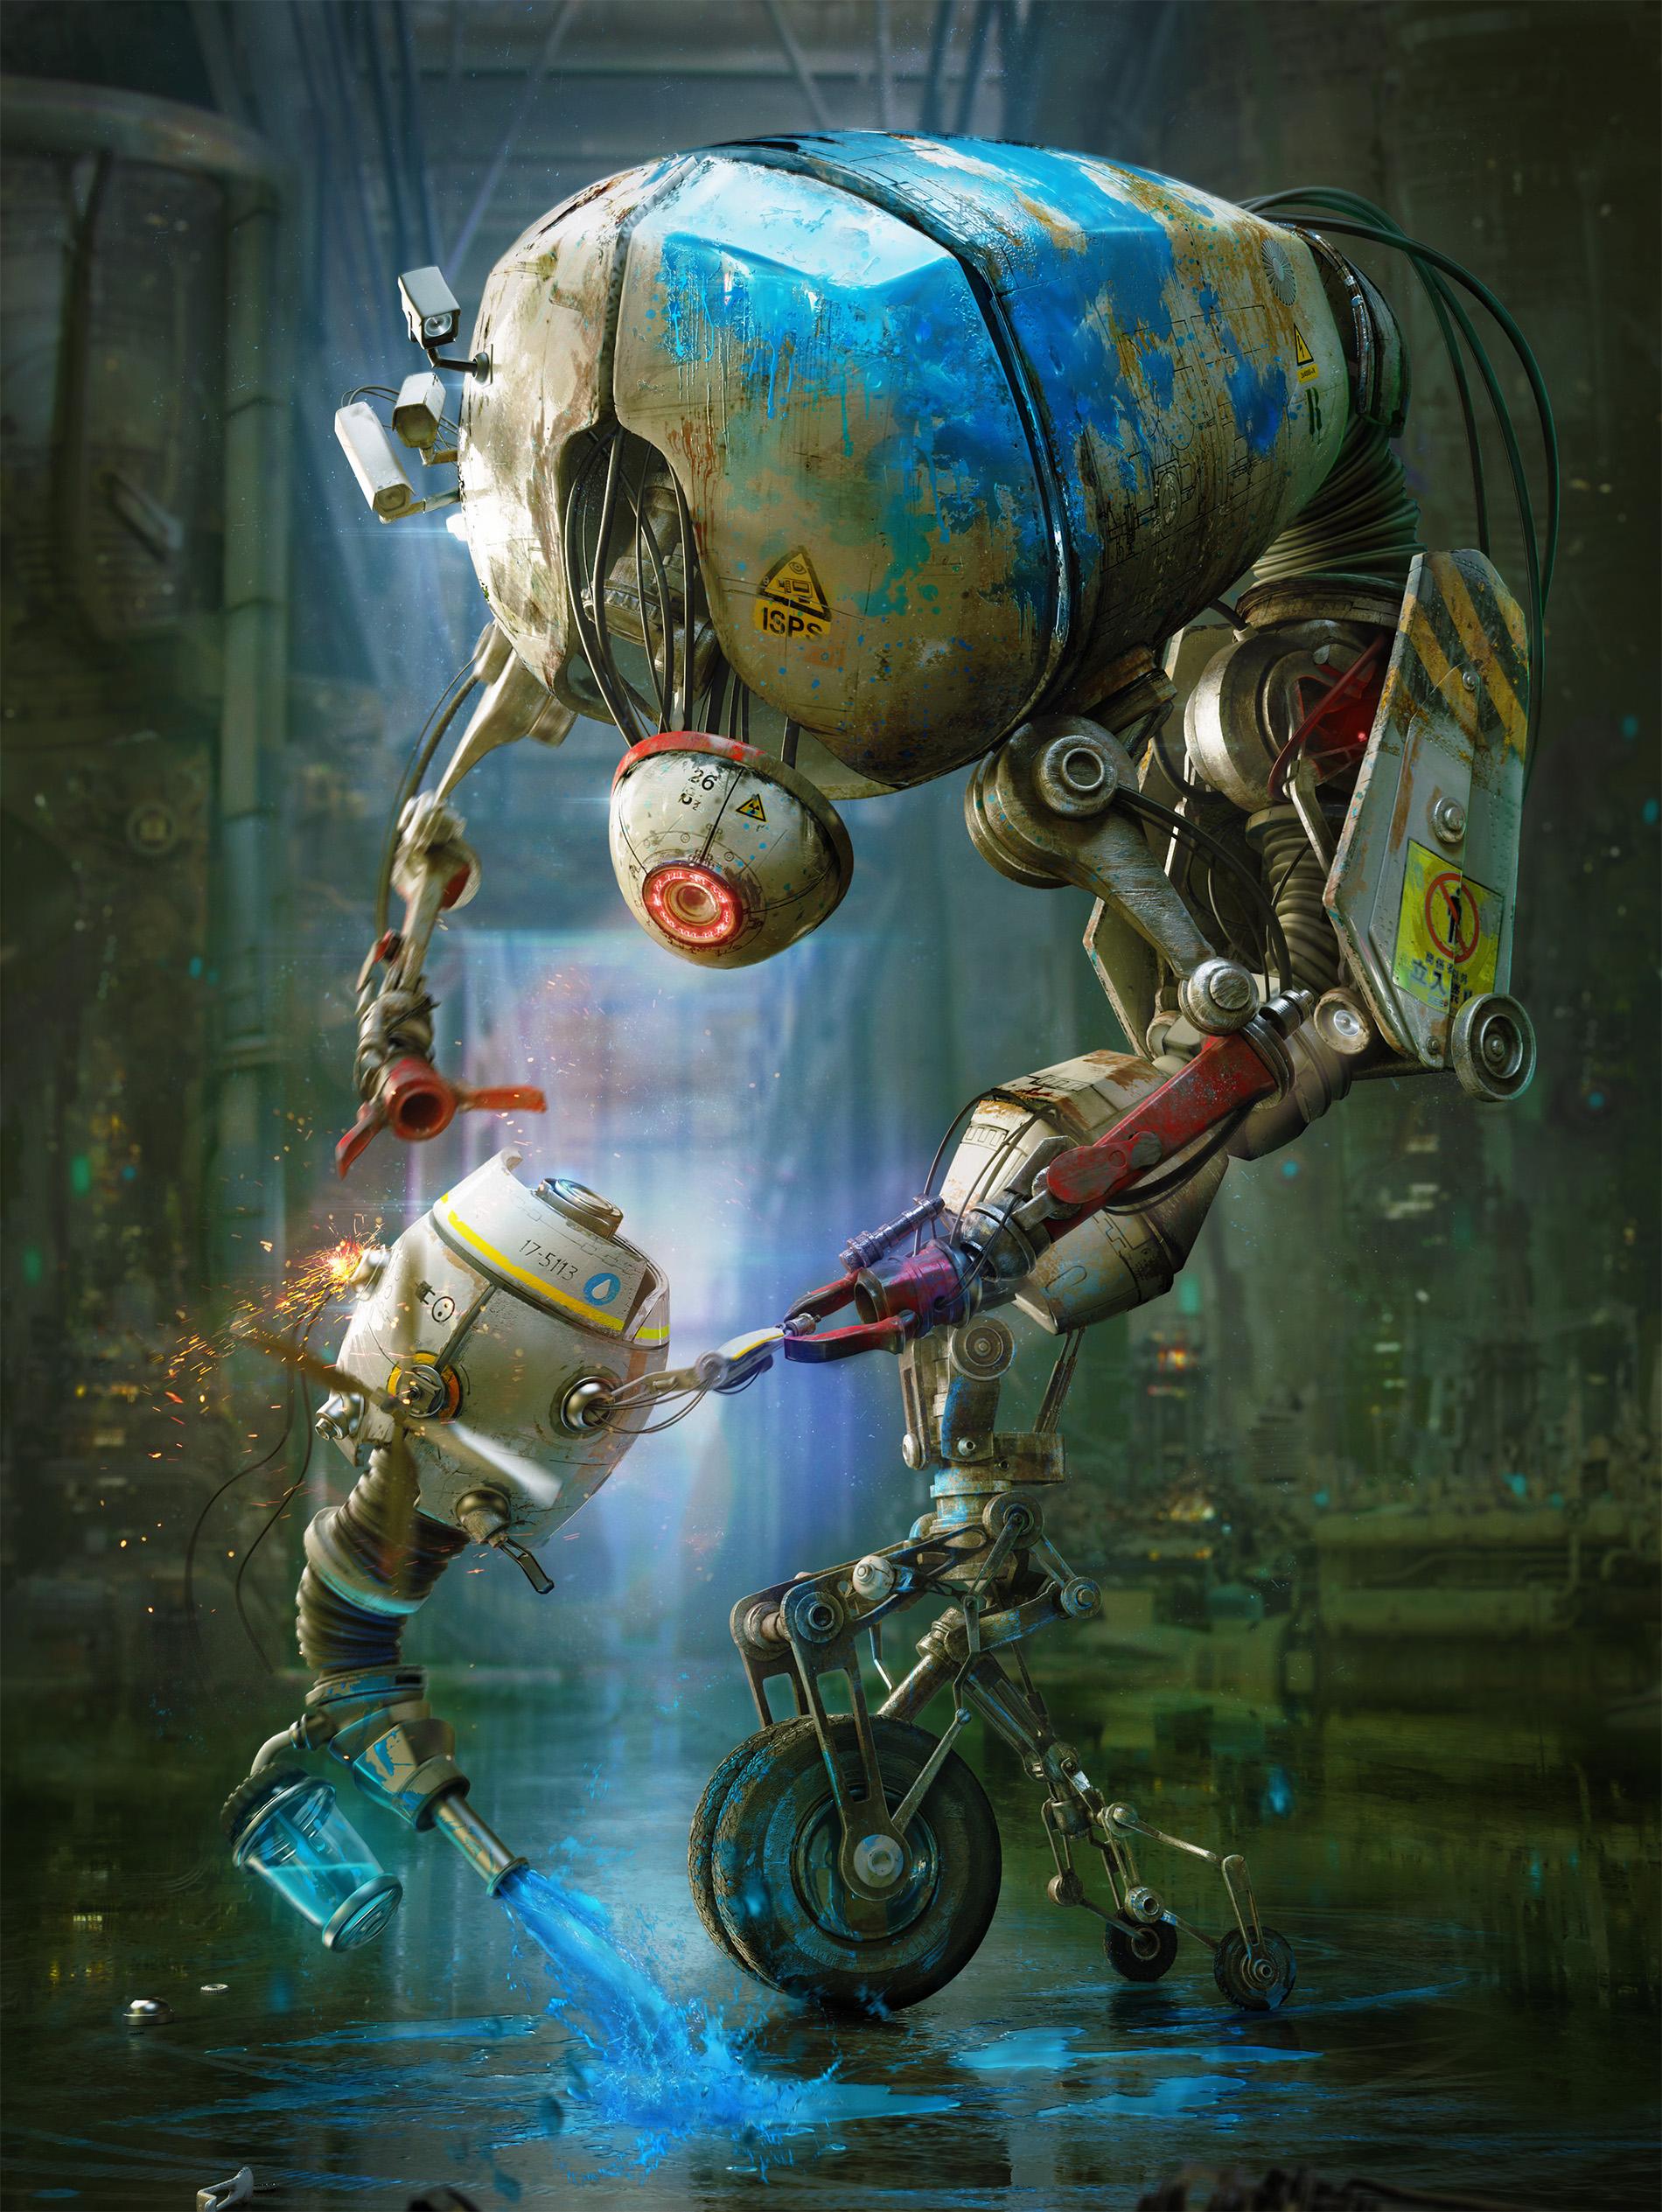 robot_final_1900_01